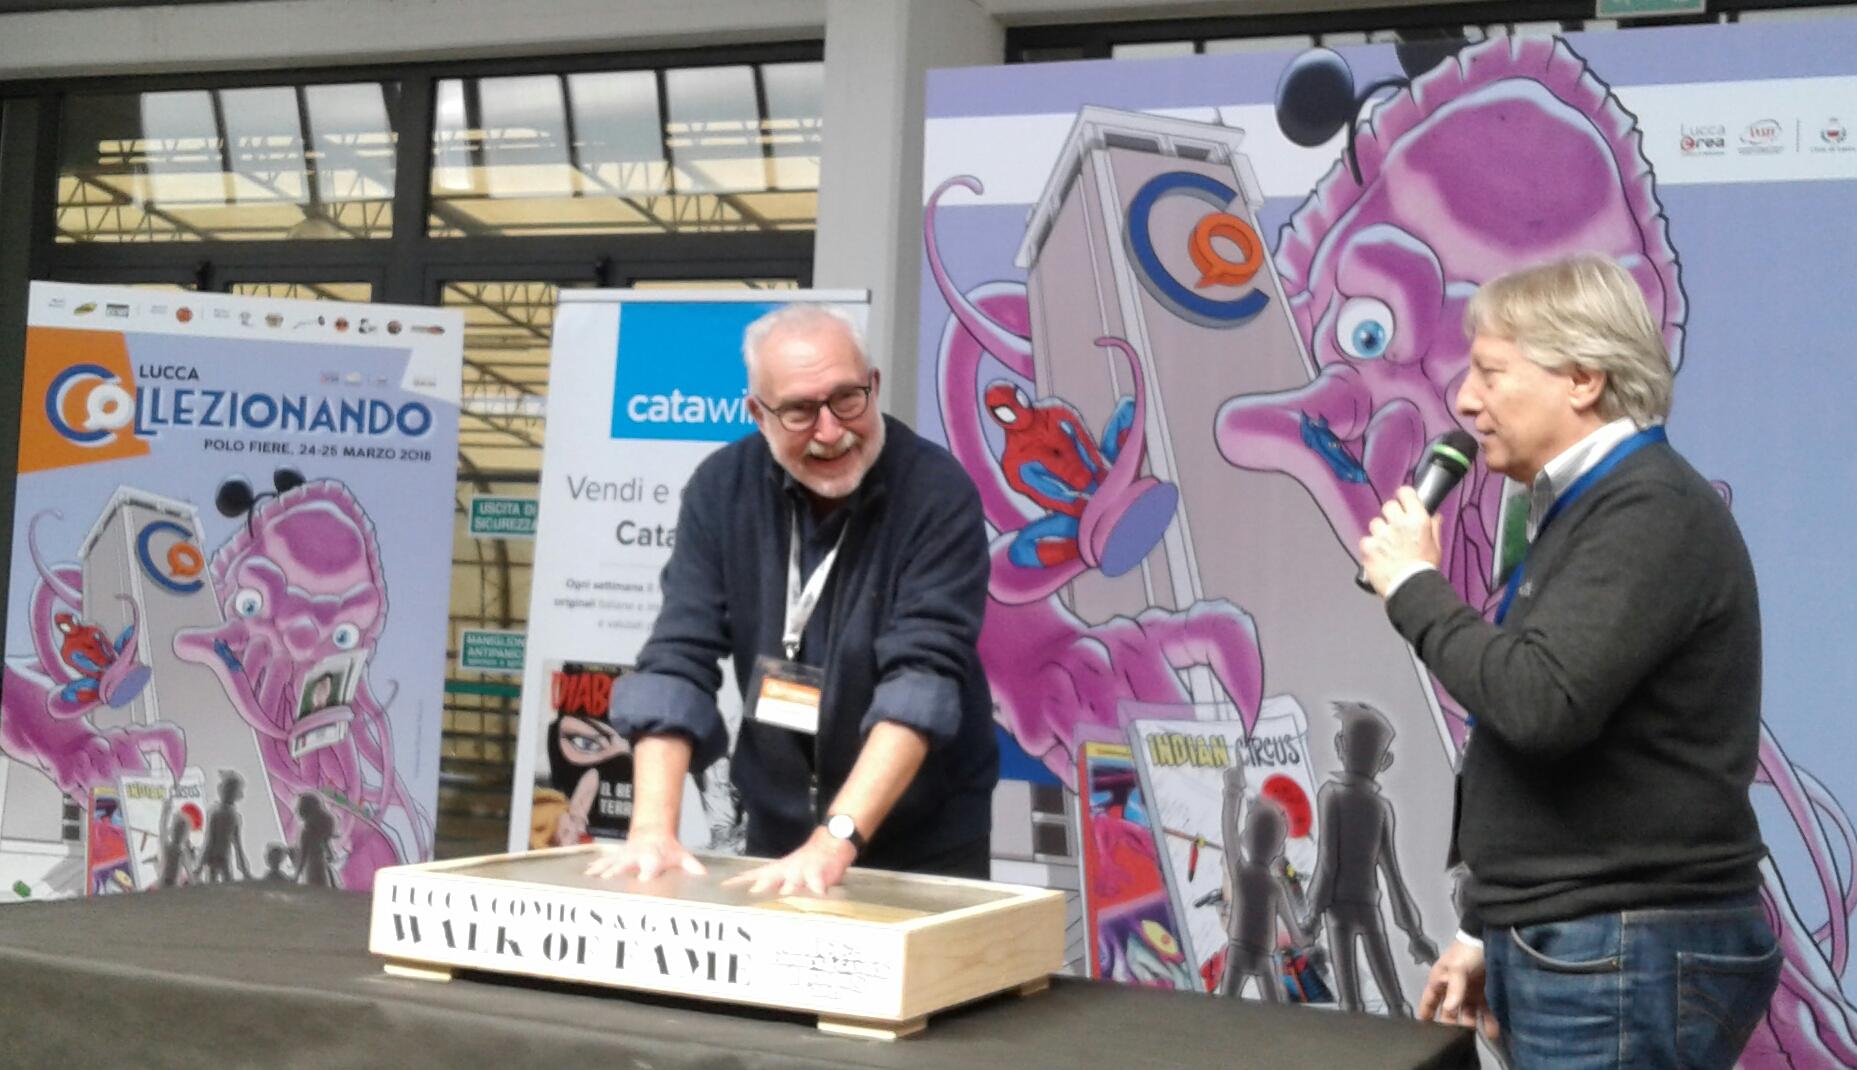 Collezionando 2018: la mostra mercato del fumetto di Lucca